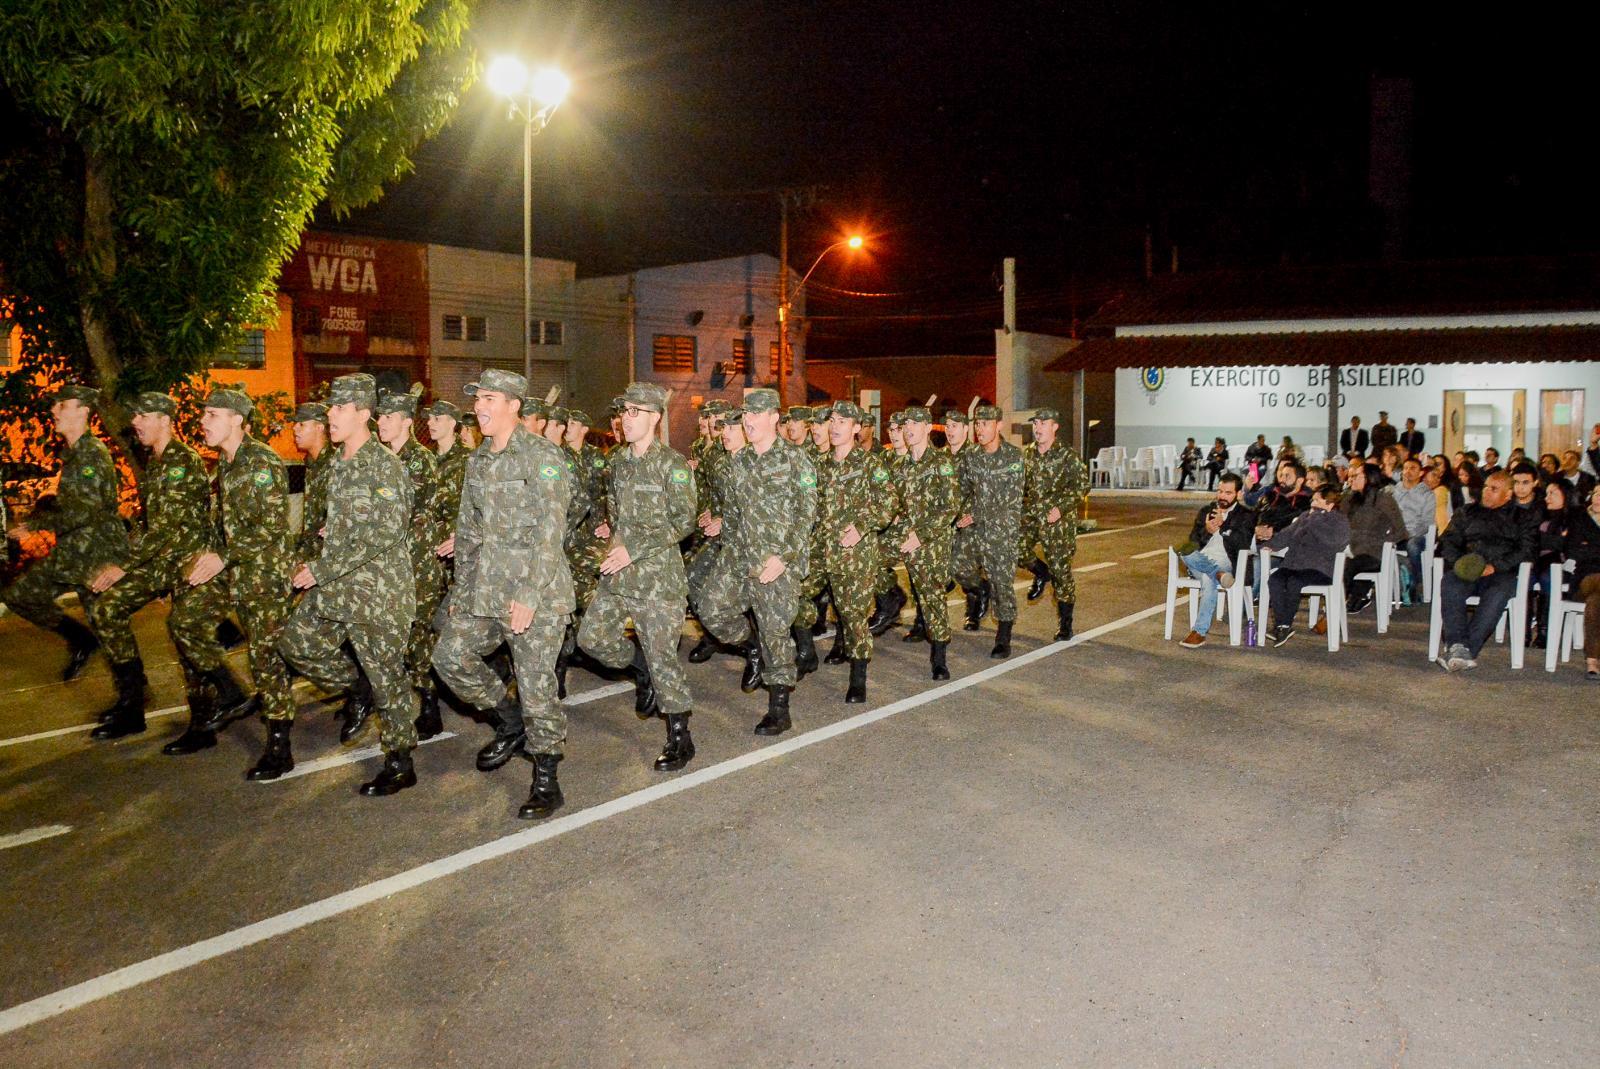 Chefe de Instrução convoca atiradores de todas as turmas para 'Desfile da Saudade'